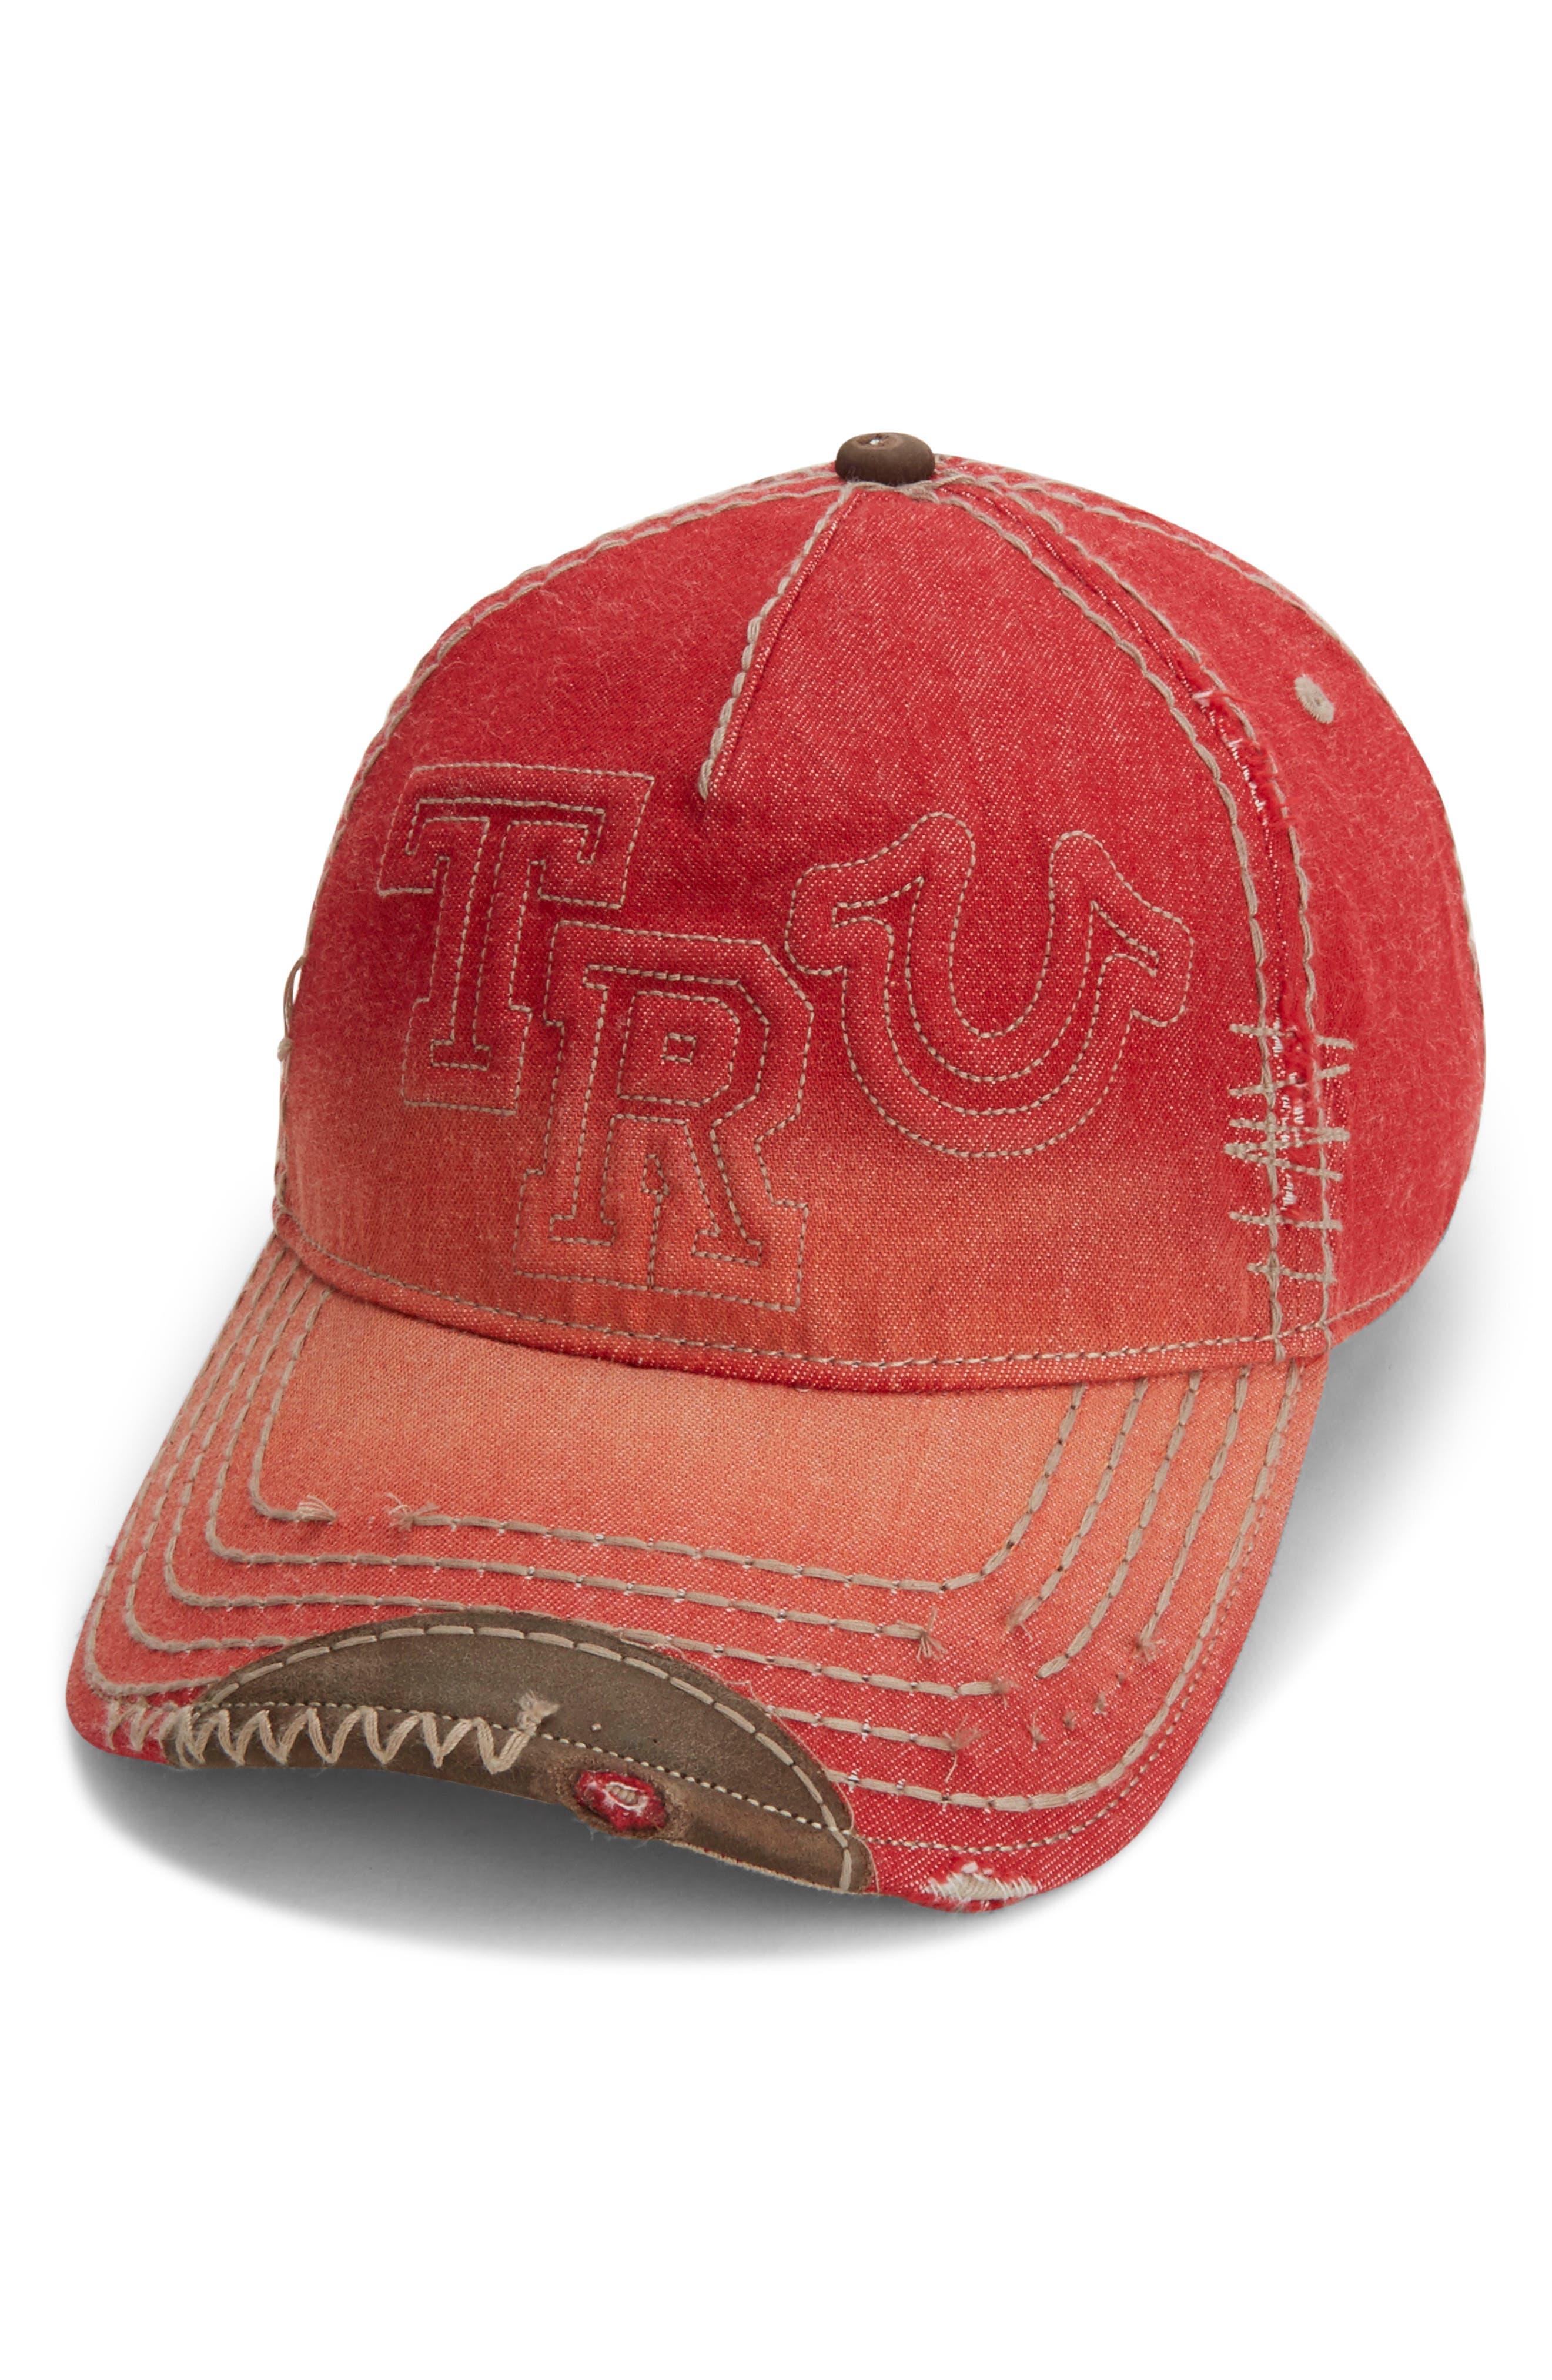 True Religion Brand Jeans Denim Baseball Cap